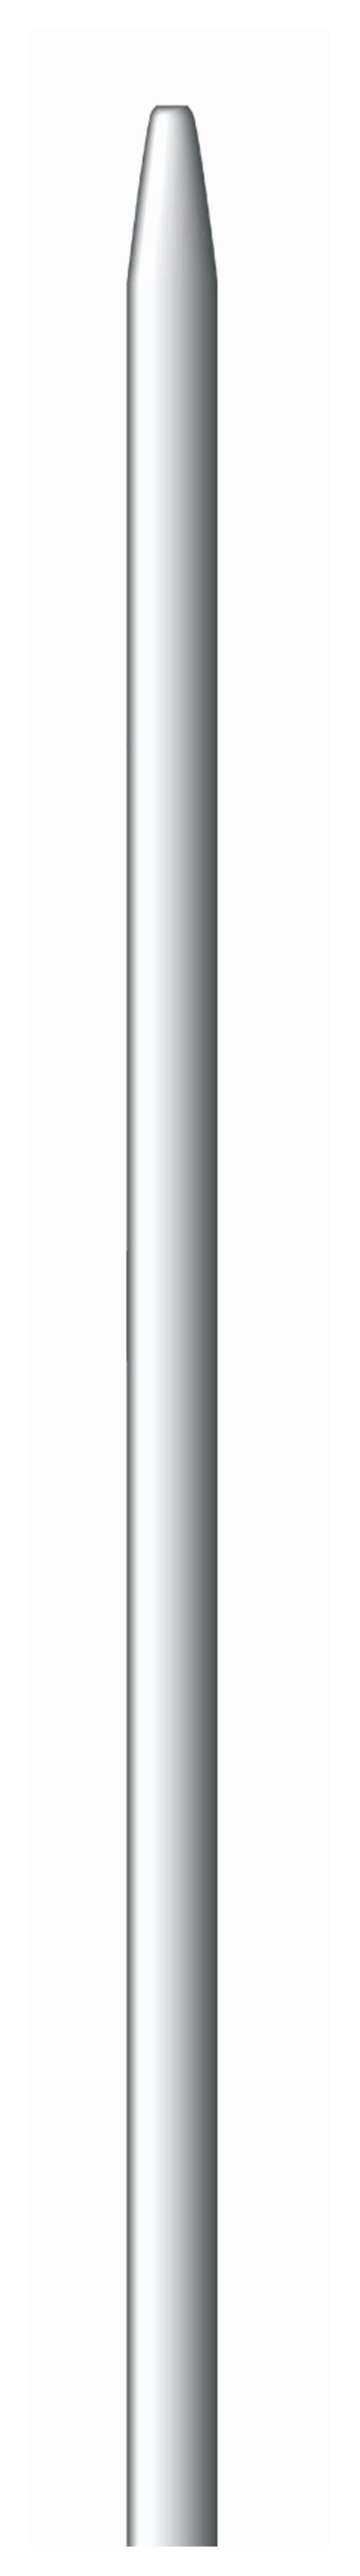 Trajan™Zubehör für eVol und eVol NMR 26in Durchmesser; AD: 0.63mm; Kegelspitze Trajan™Zubehör für eVol und eVol NMR